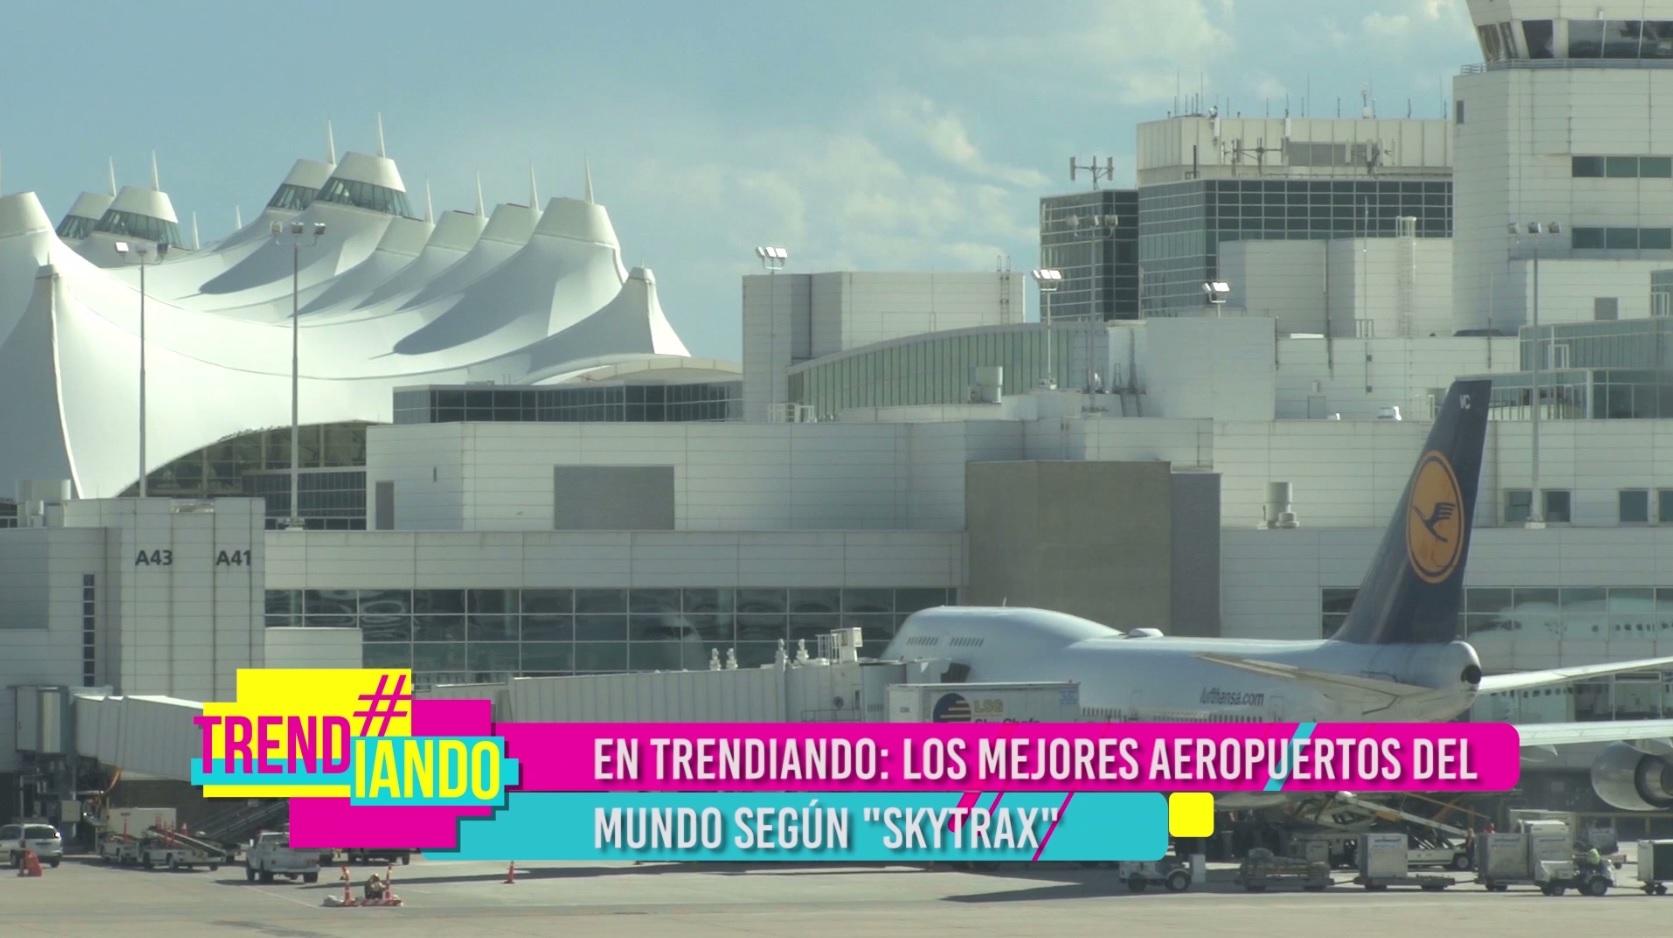 mejores-aeropuertos-del-mundo-segun-skytrax.jpg